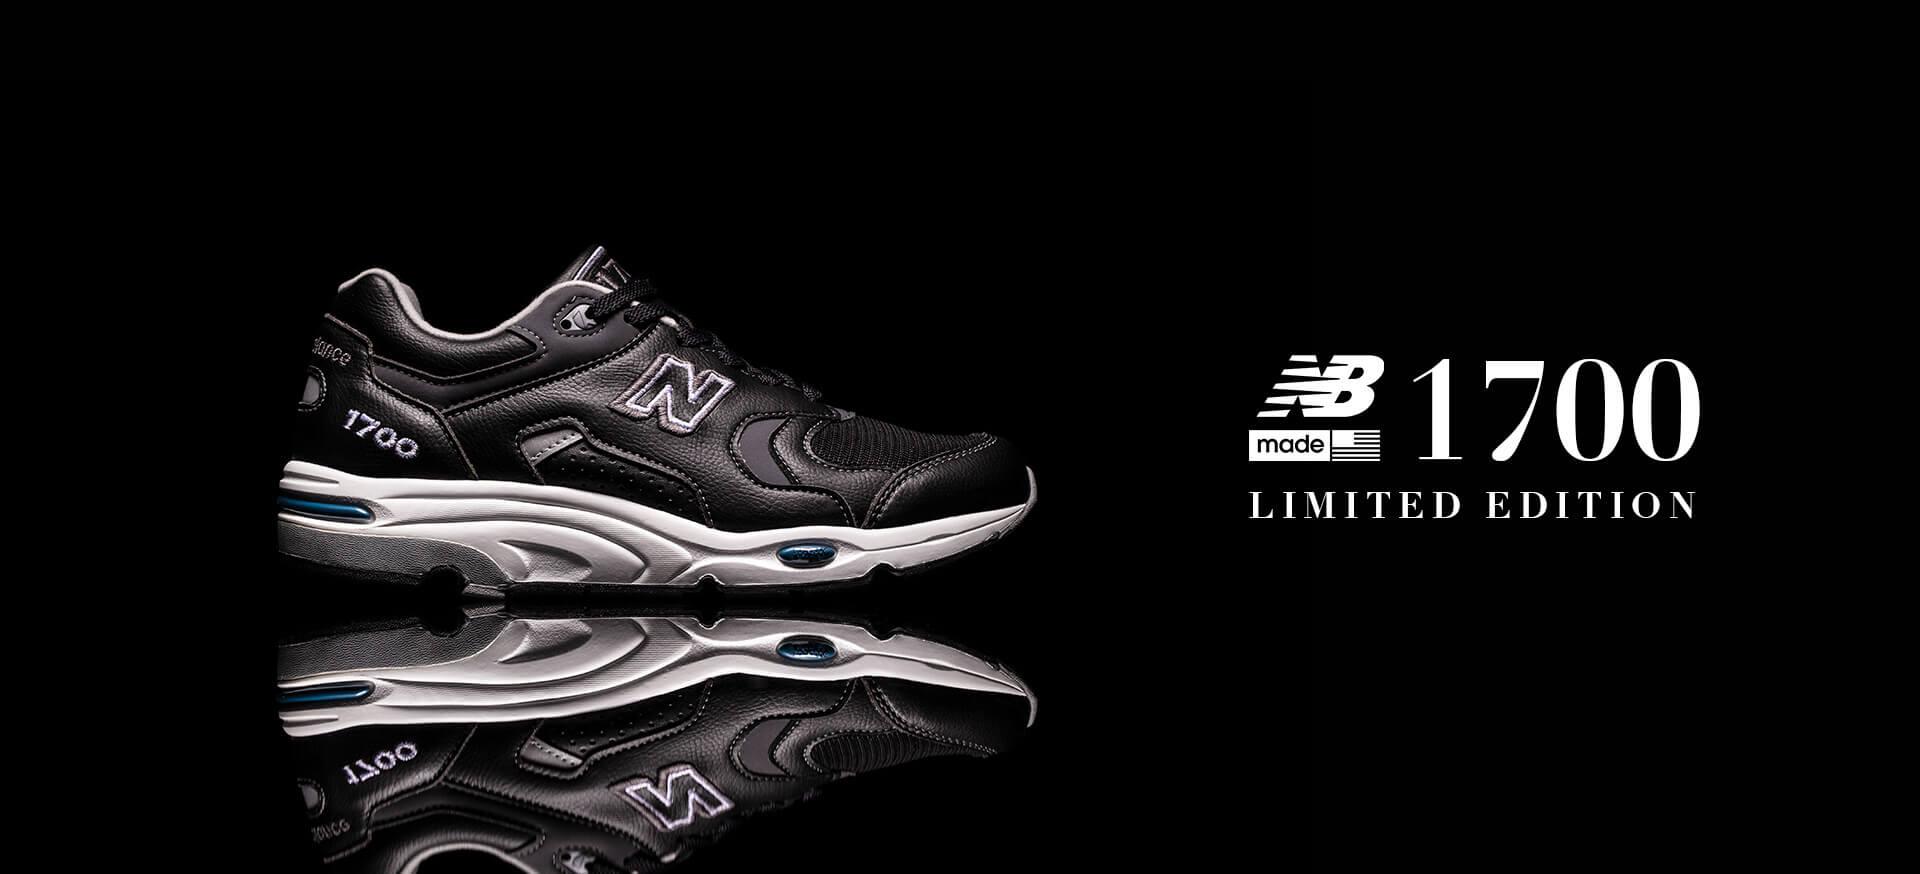 人気のニューバランスフラッグシップモデル「M1700」にシックなブラックカラーが登場!本日原宿店で先行発売 life201224_newbalance_m1700_3